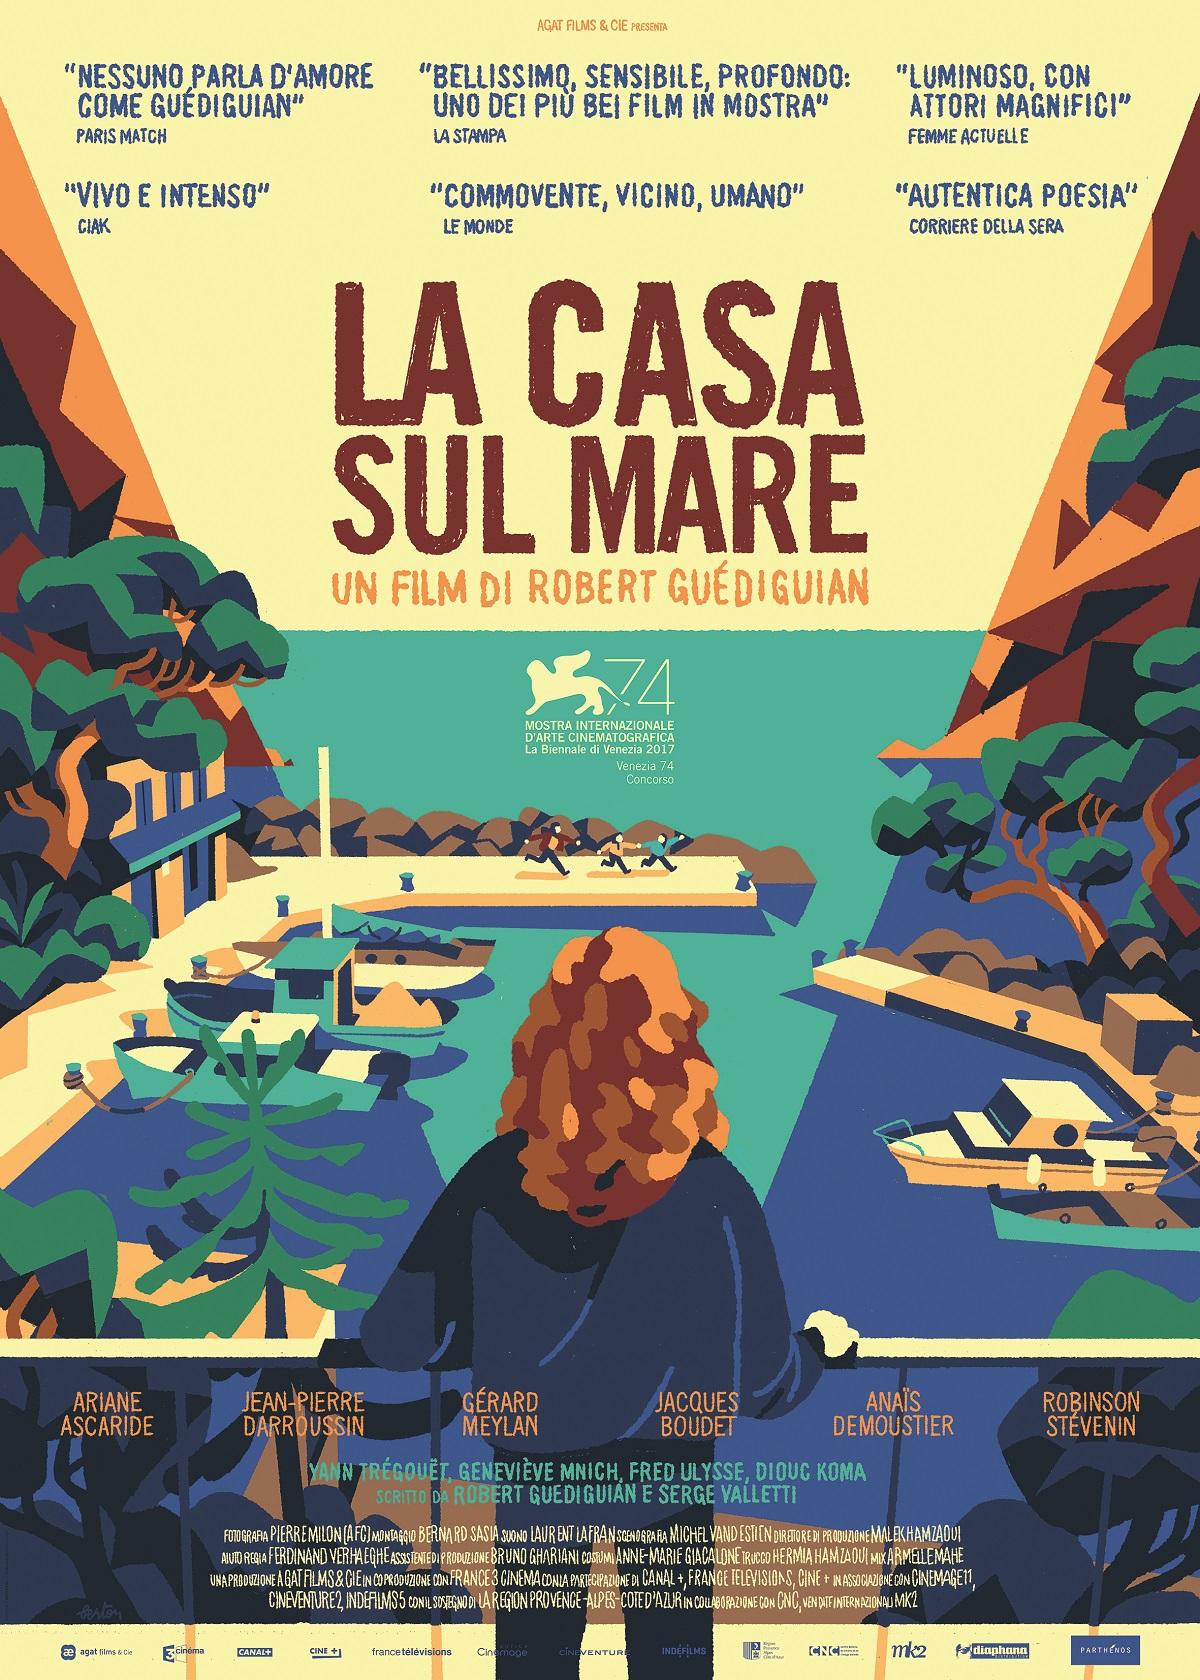 Dal 12 aprile al cinema la casa sul mare la villa un - Segreti per profumare la casa ...